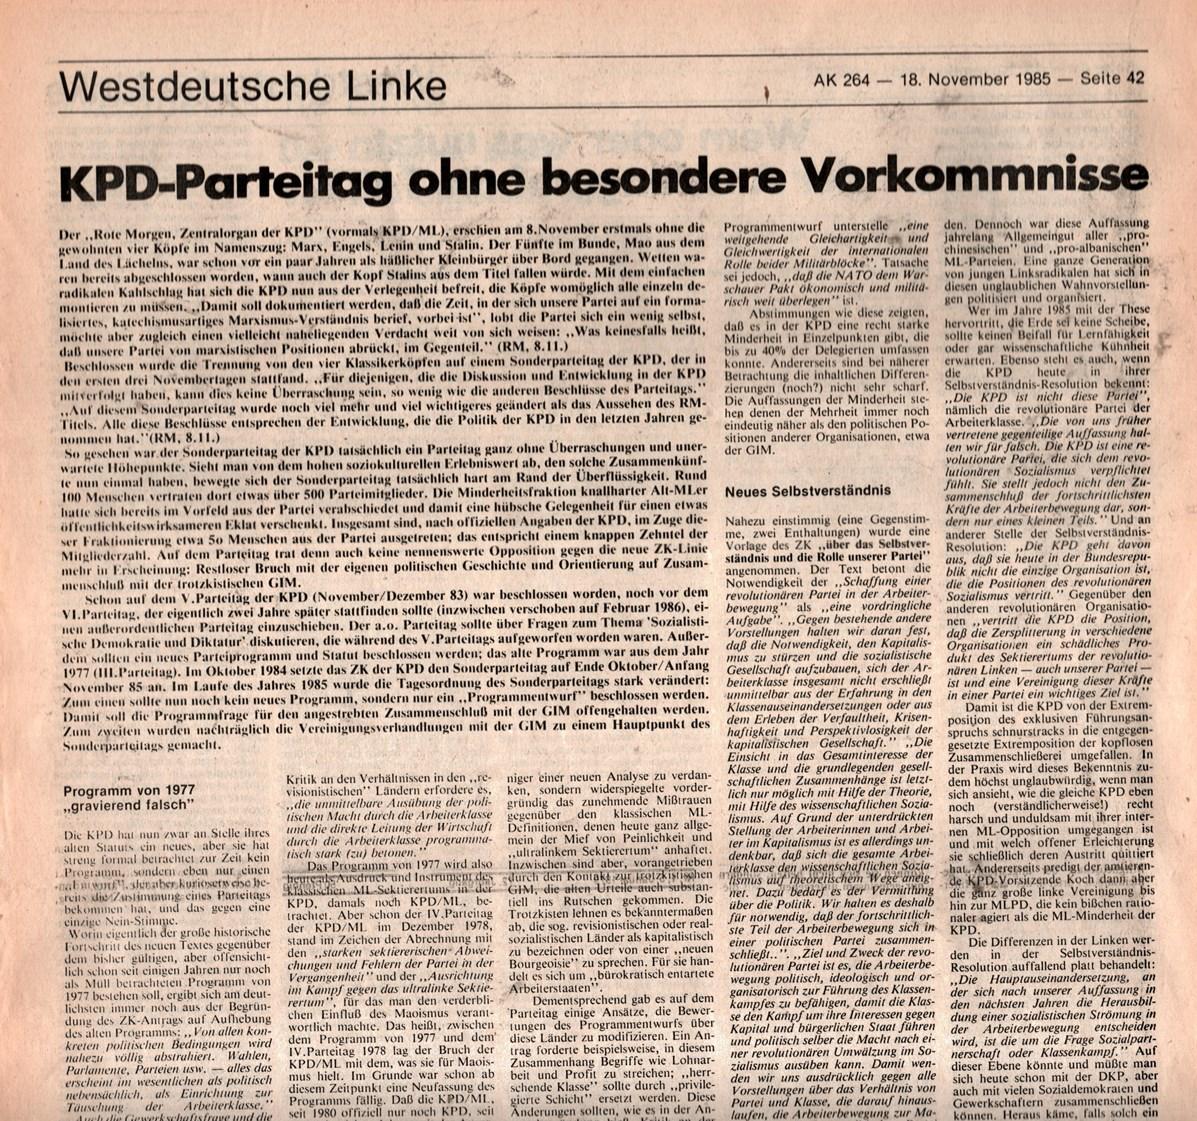 KB_AK_1985_264_083